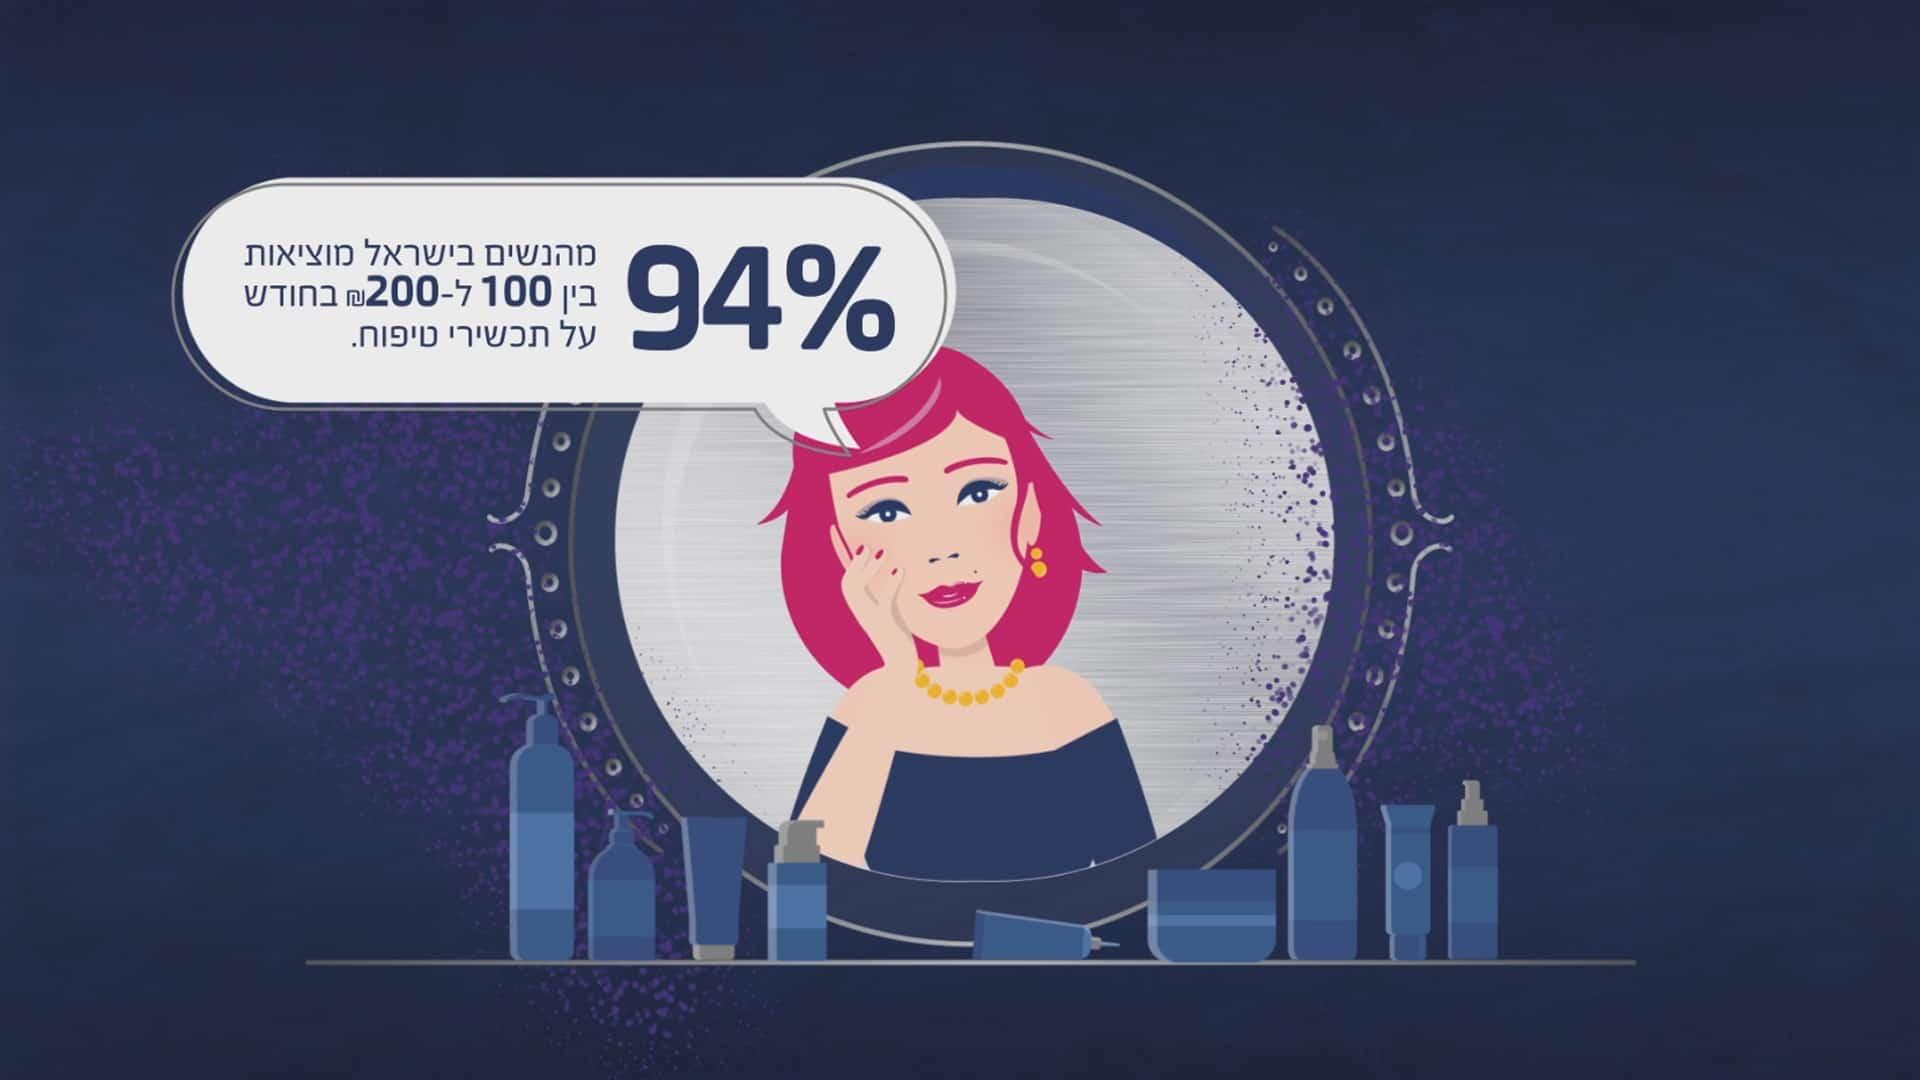 סרטון תדמית המציג את מוצרי הקוסמטיקה החדשניים של חברת נירולין